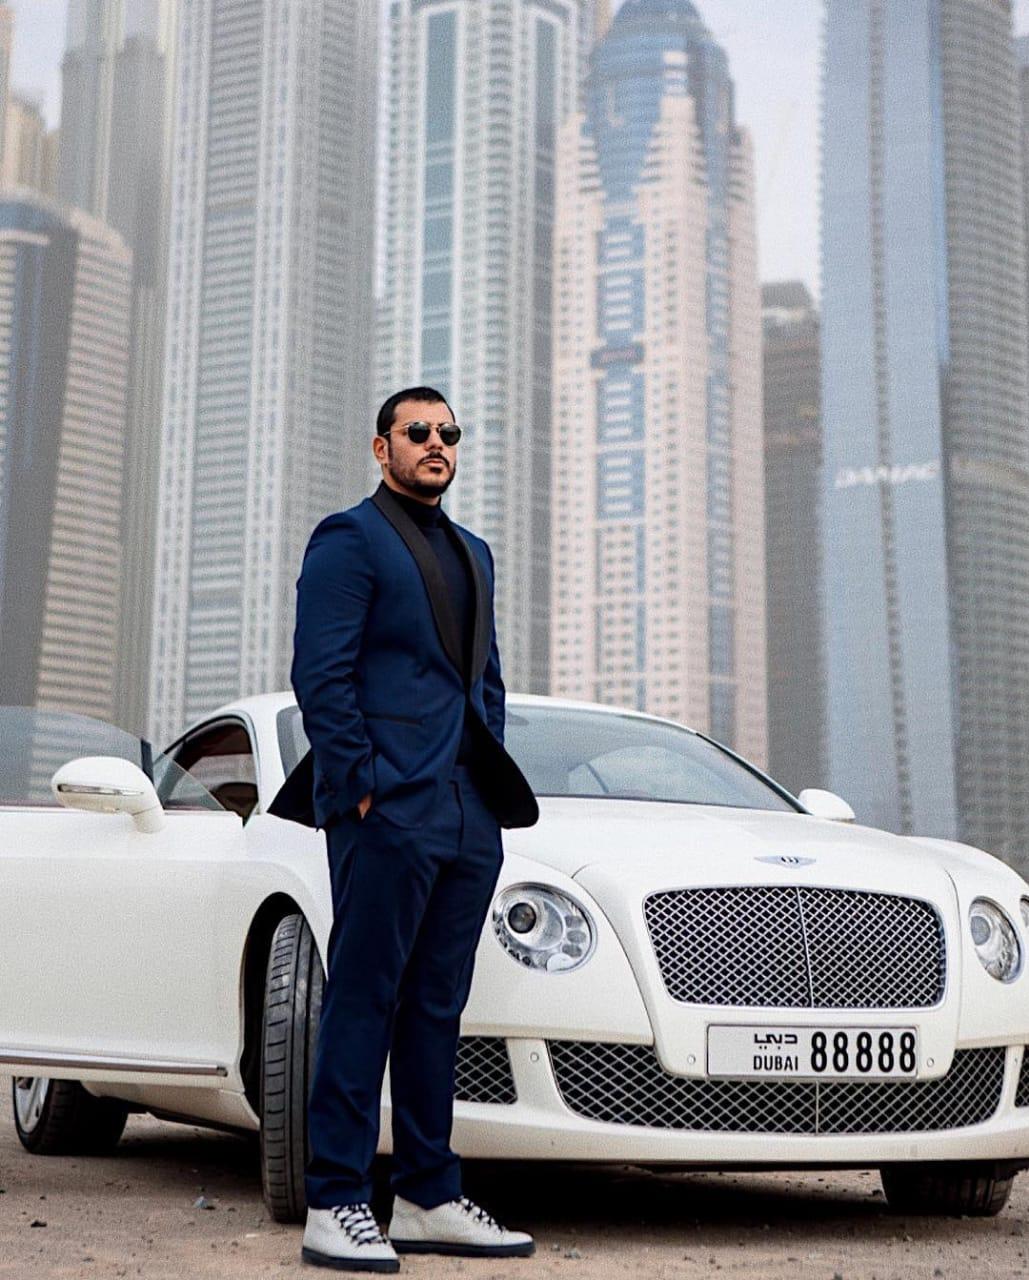 Entrepreneur Mohammad Nasser